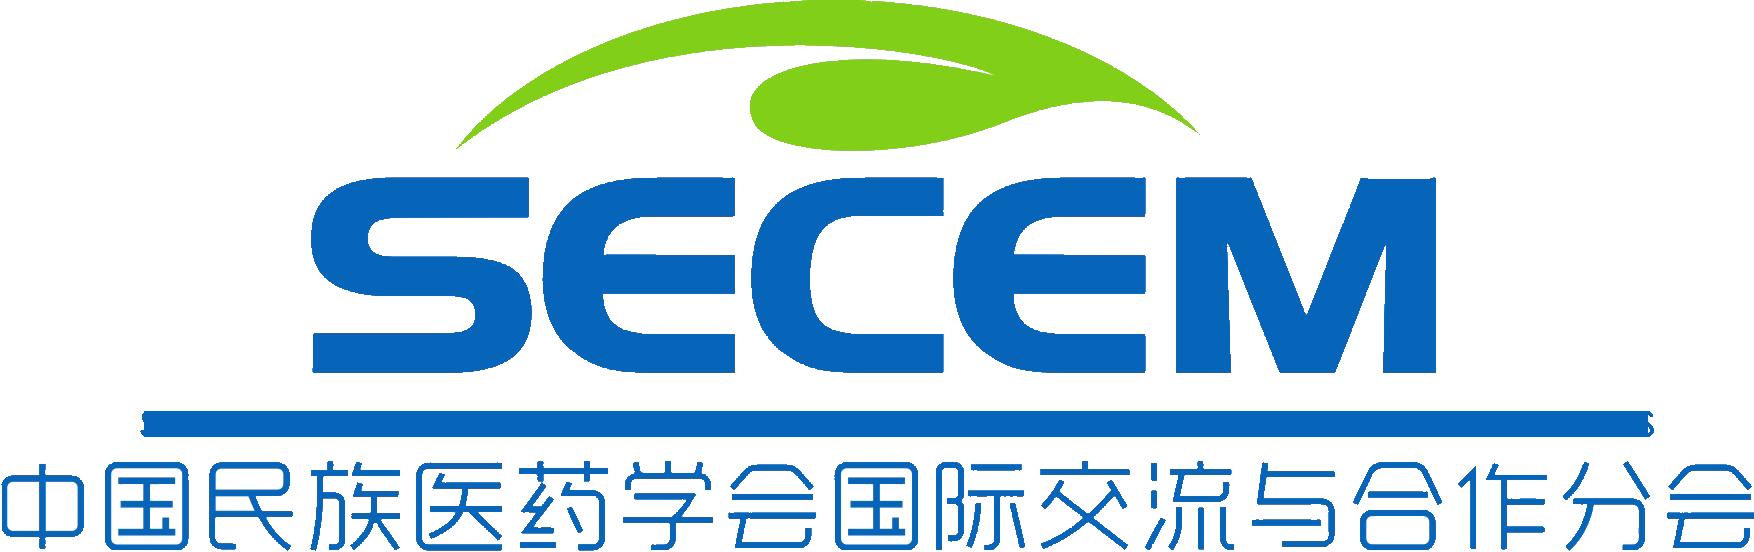 中国民族医药学会国际交流与合作分会介绍